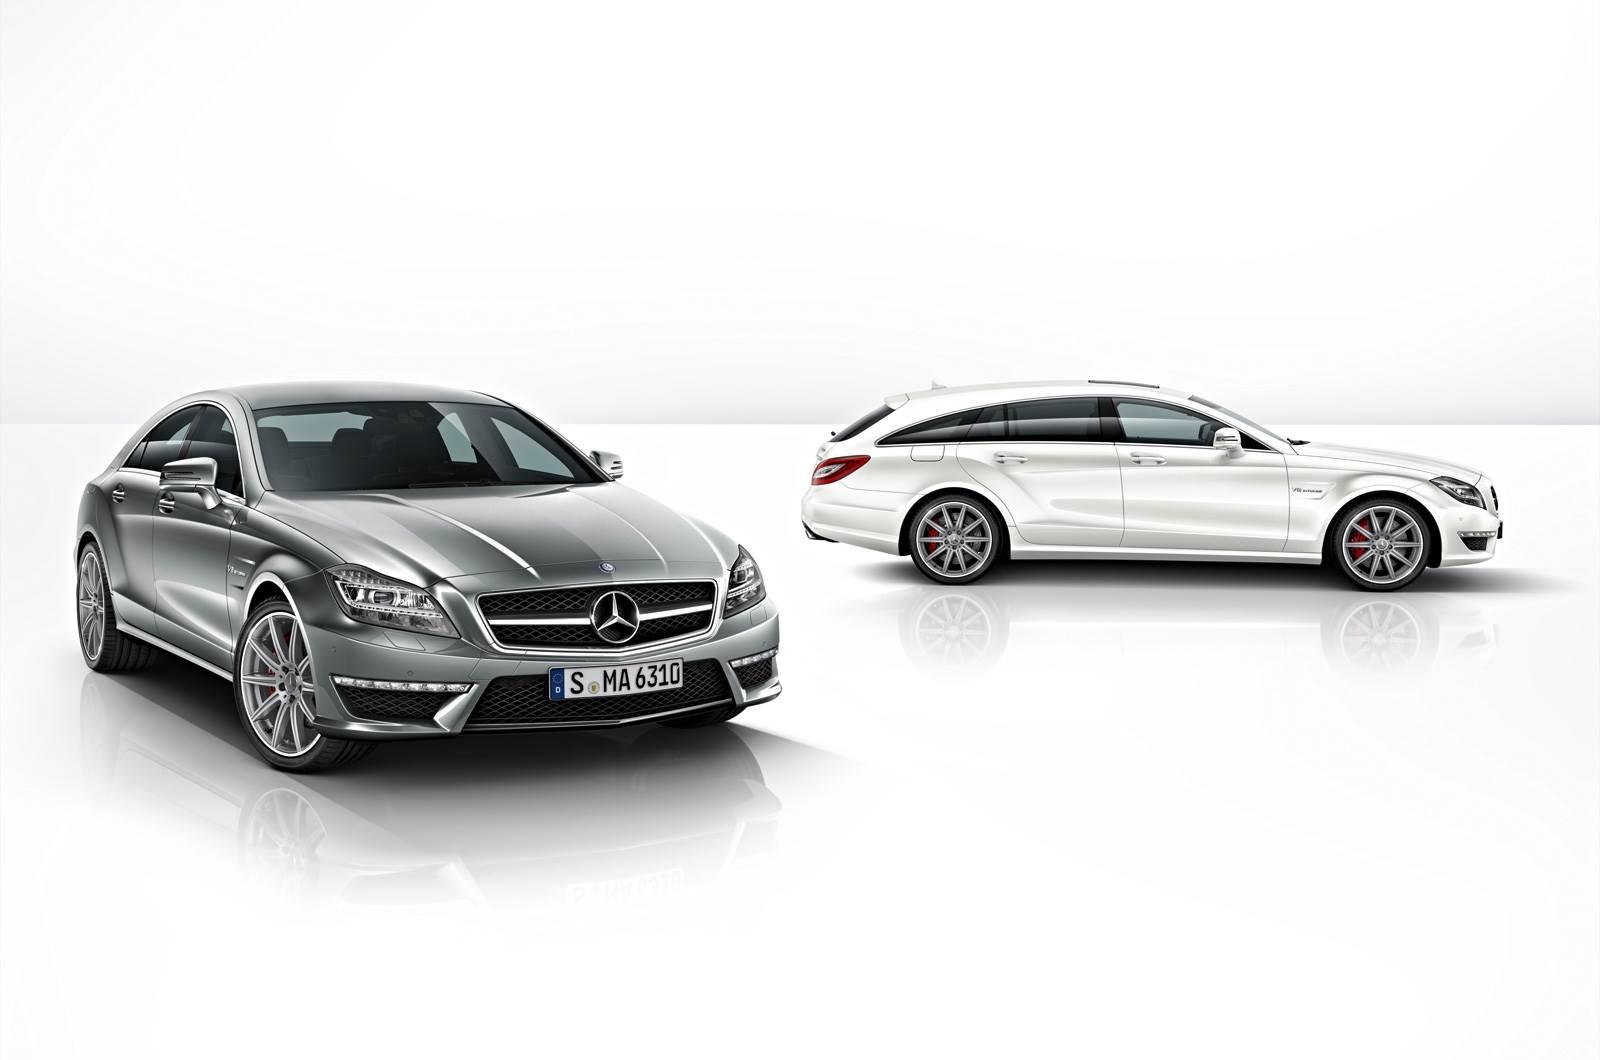 Mercedes updates CLS AMG range